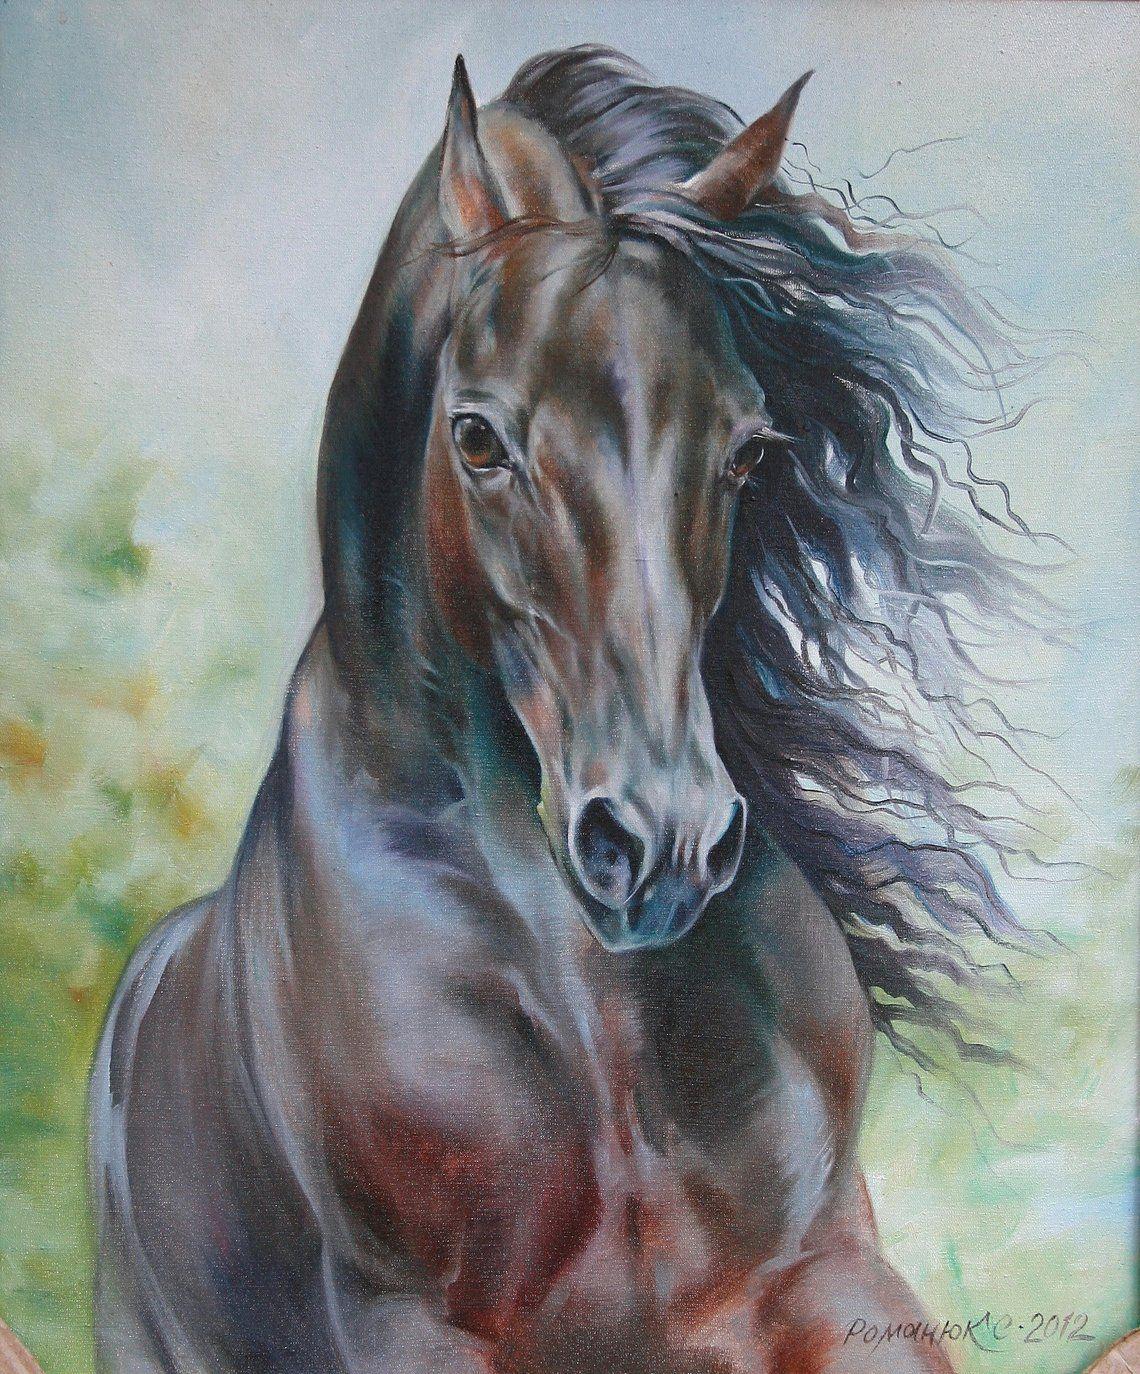 постер с лошадью среднерослое